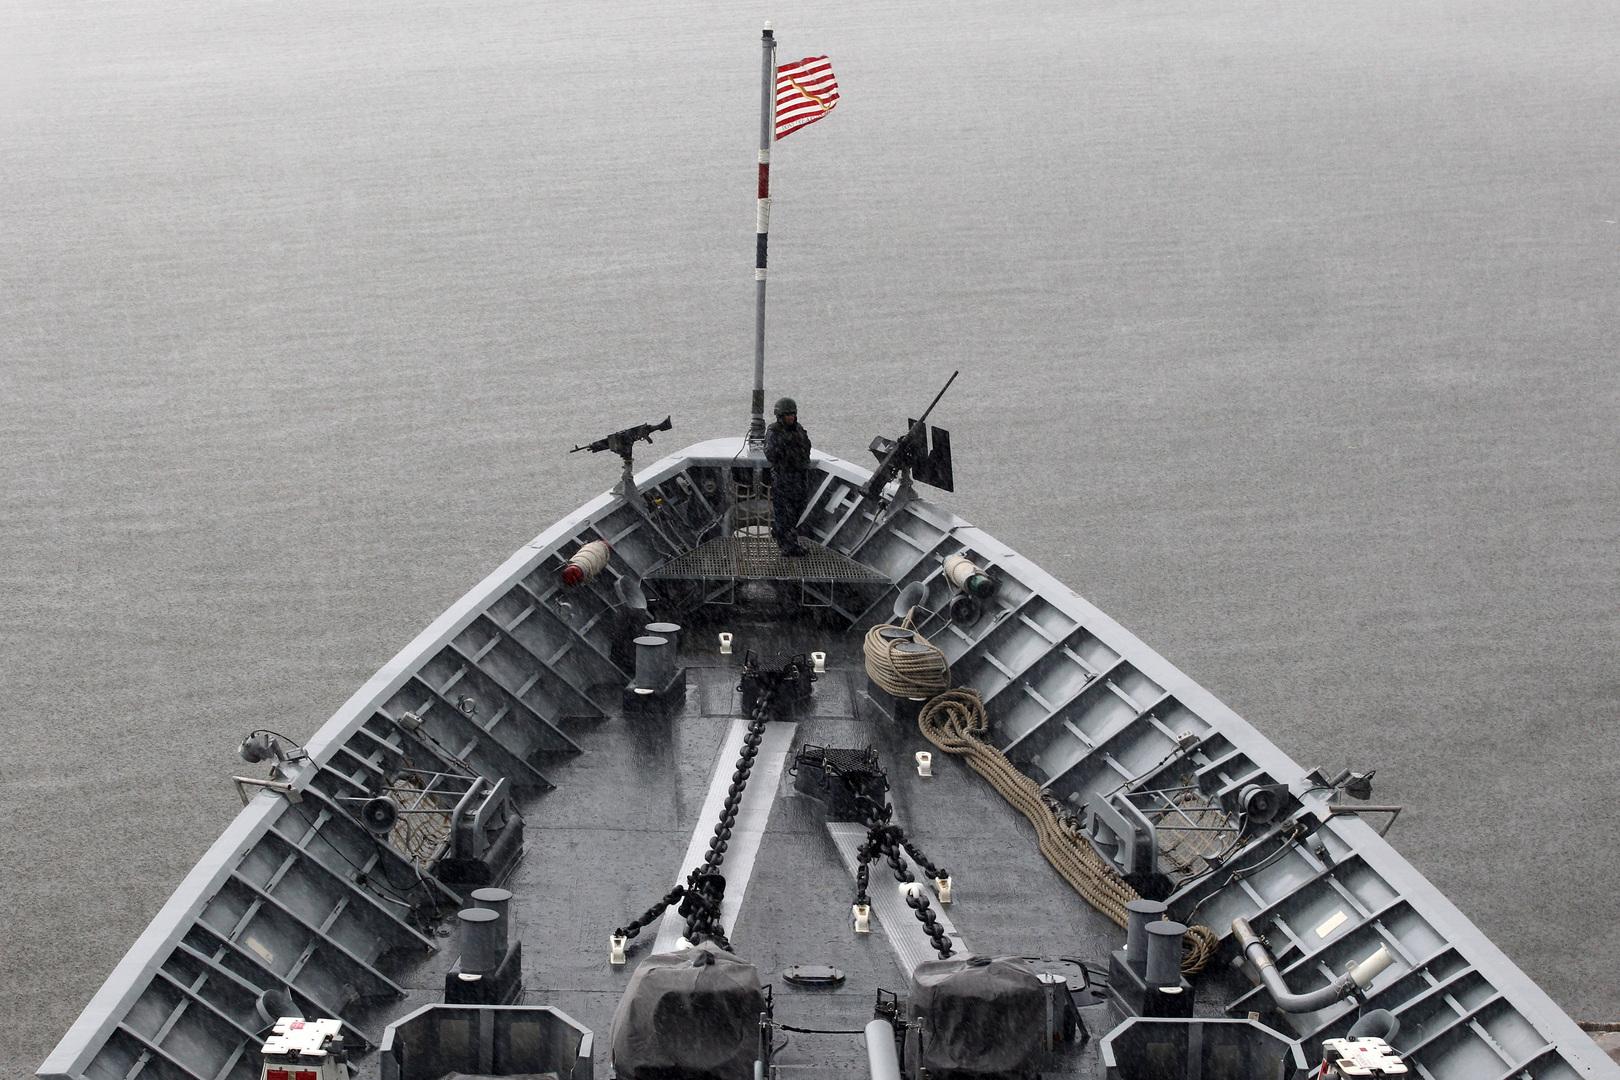 وسائل إعلام: الولايات المتحدة قد ترسل سفنا حربية إلى البحر الأسود